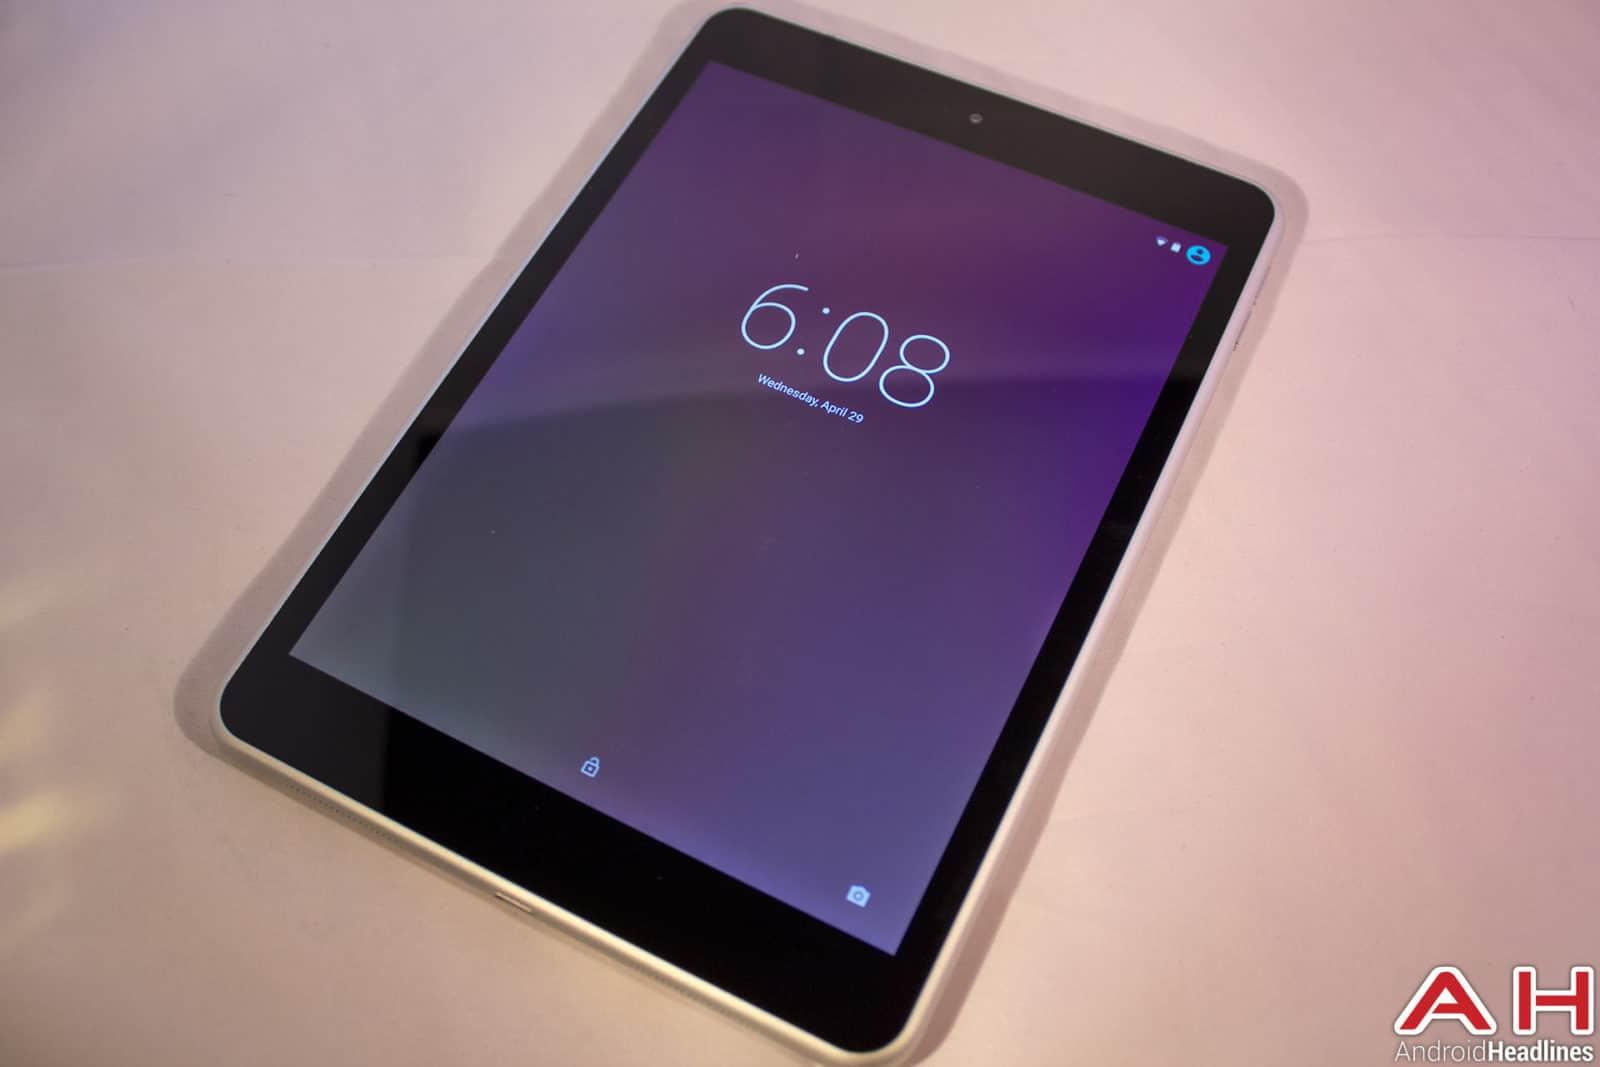 Nokia-n1-05